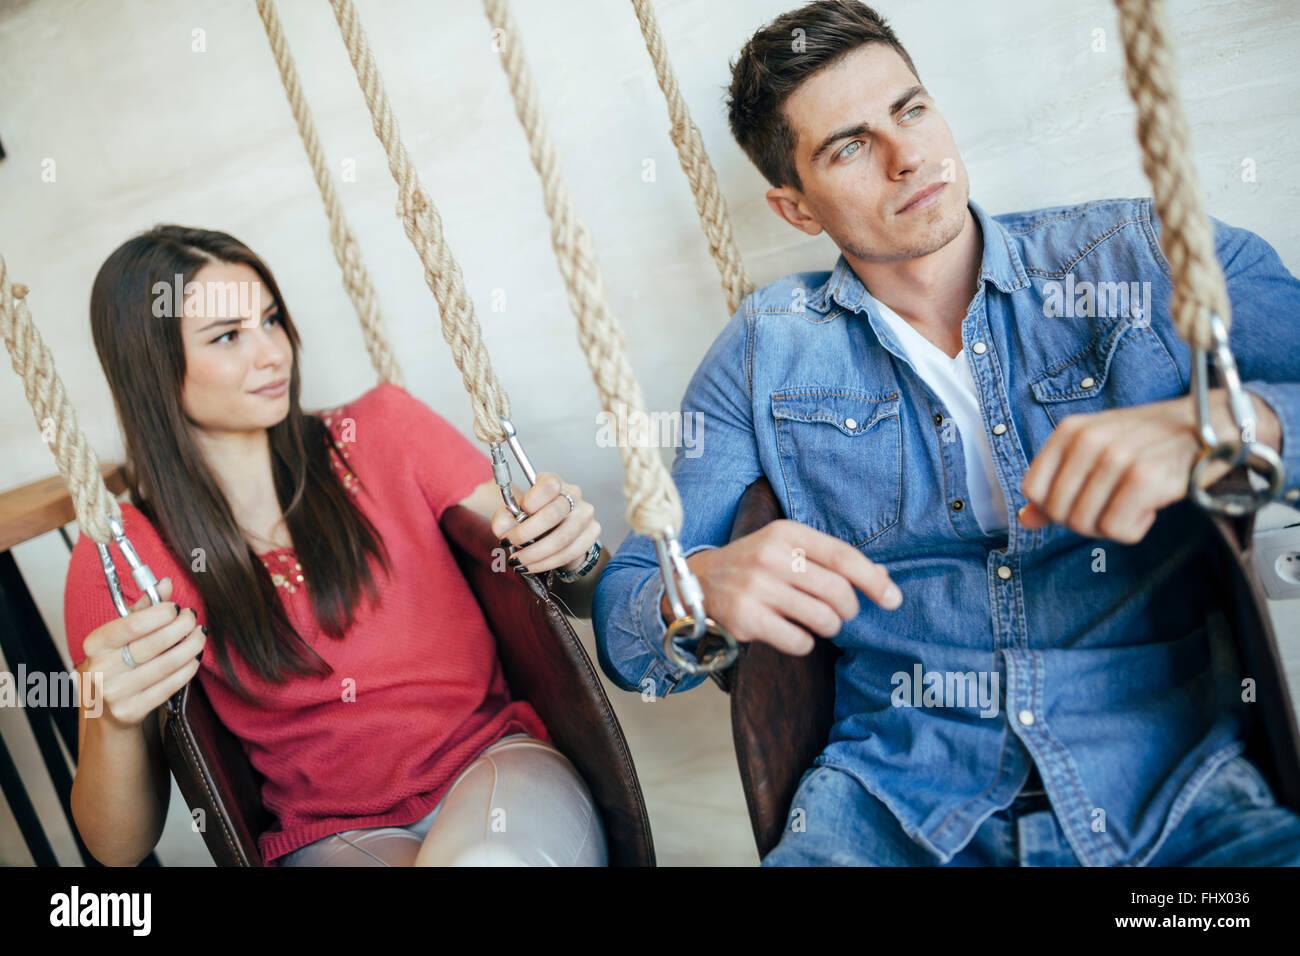 Ritratto di giovane in seduta oscilla in posa Immagini Stock